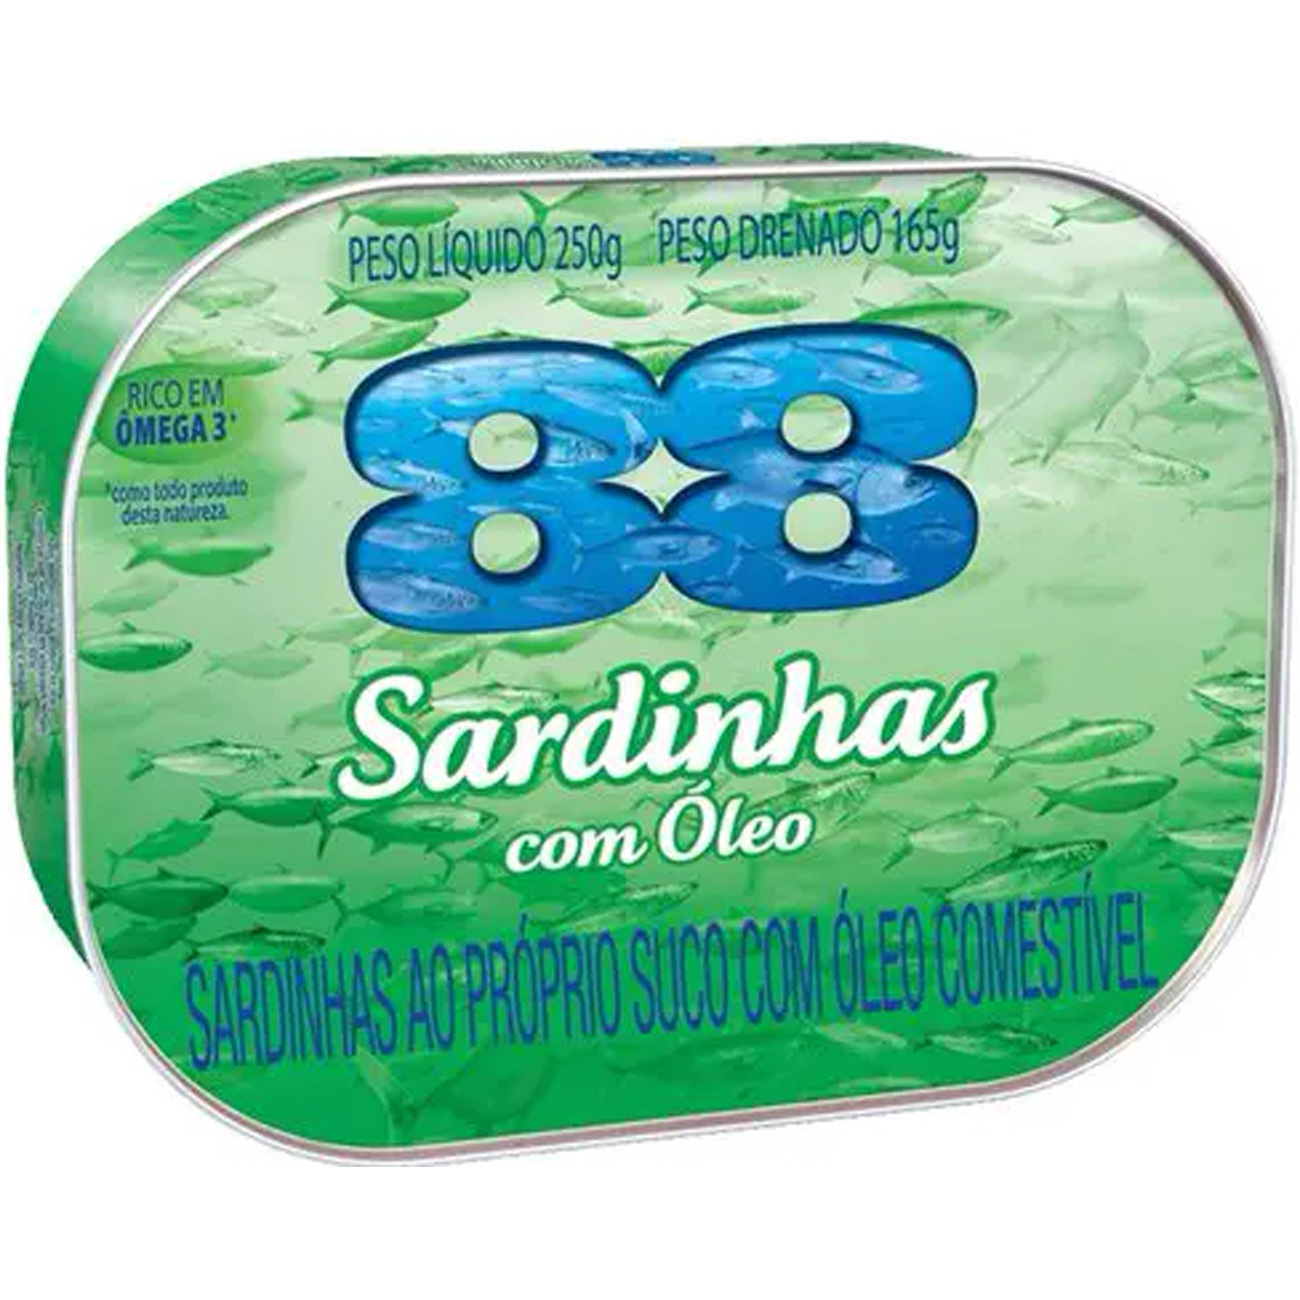 Sardinha 88 250G Oleo